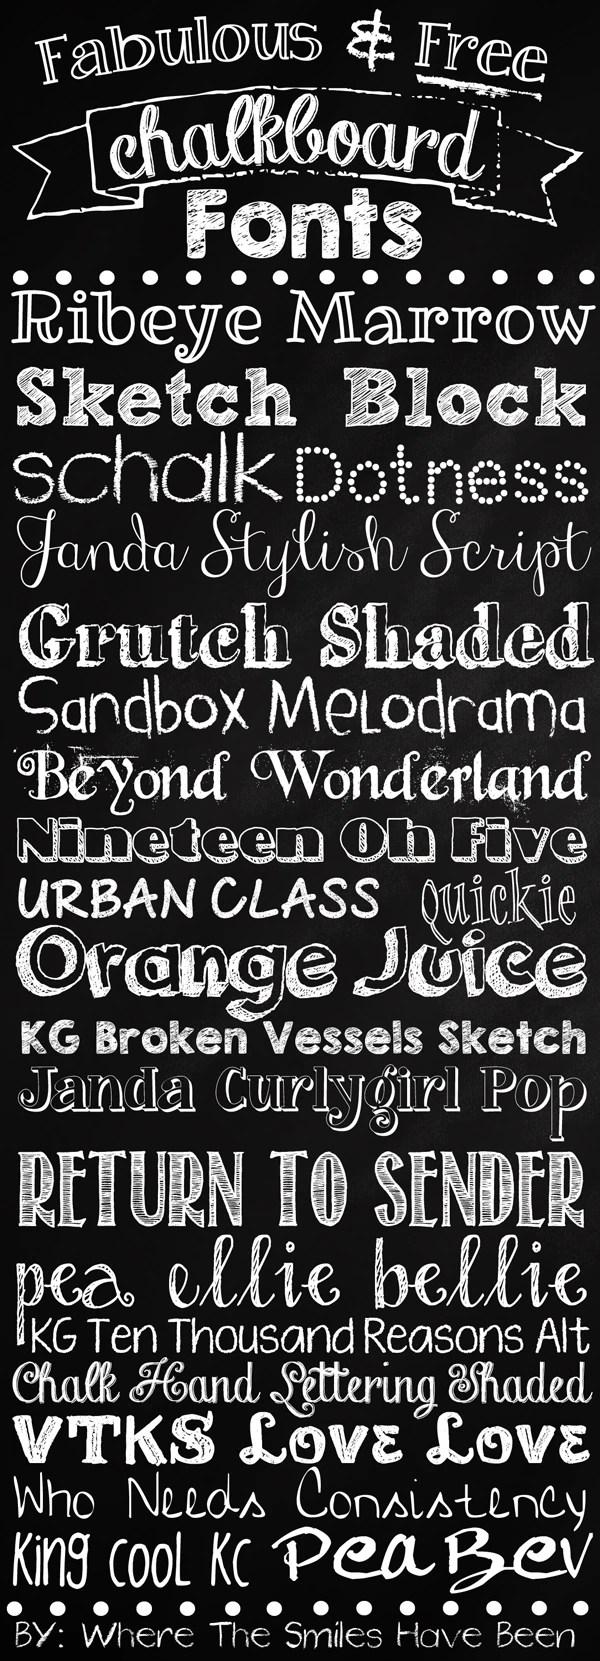 Fabulous Free Chalkboard Fonts